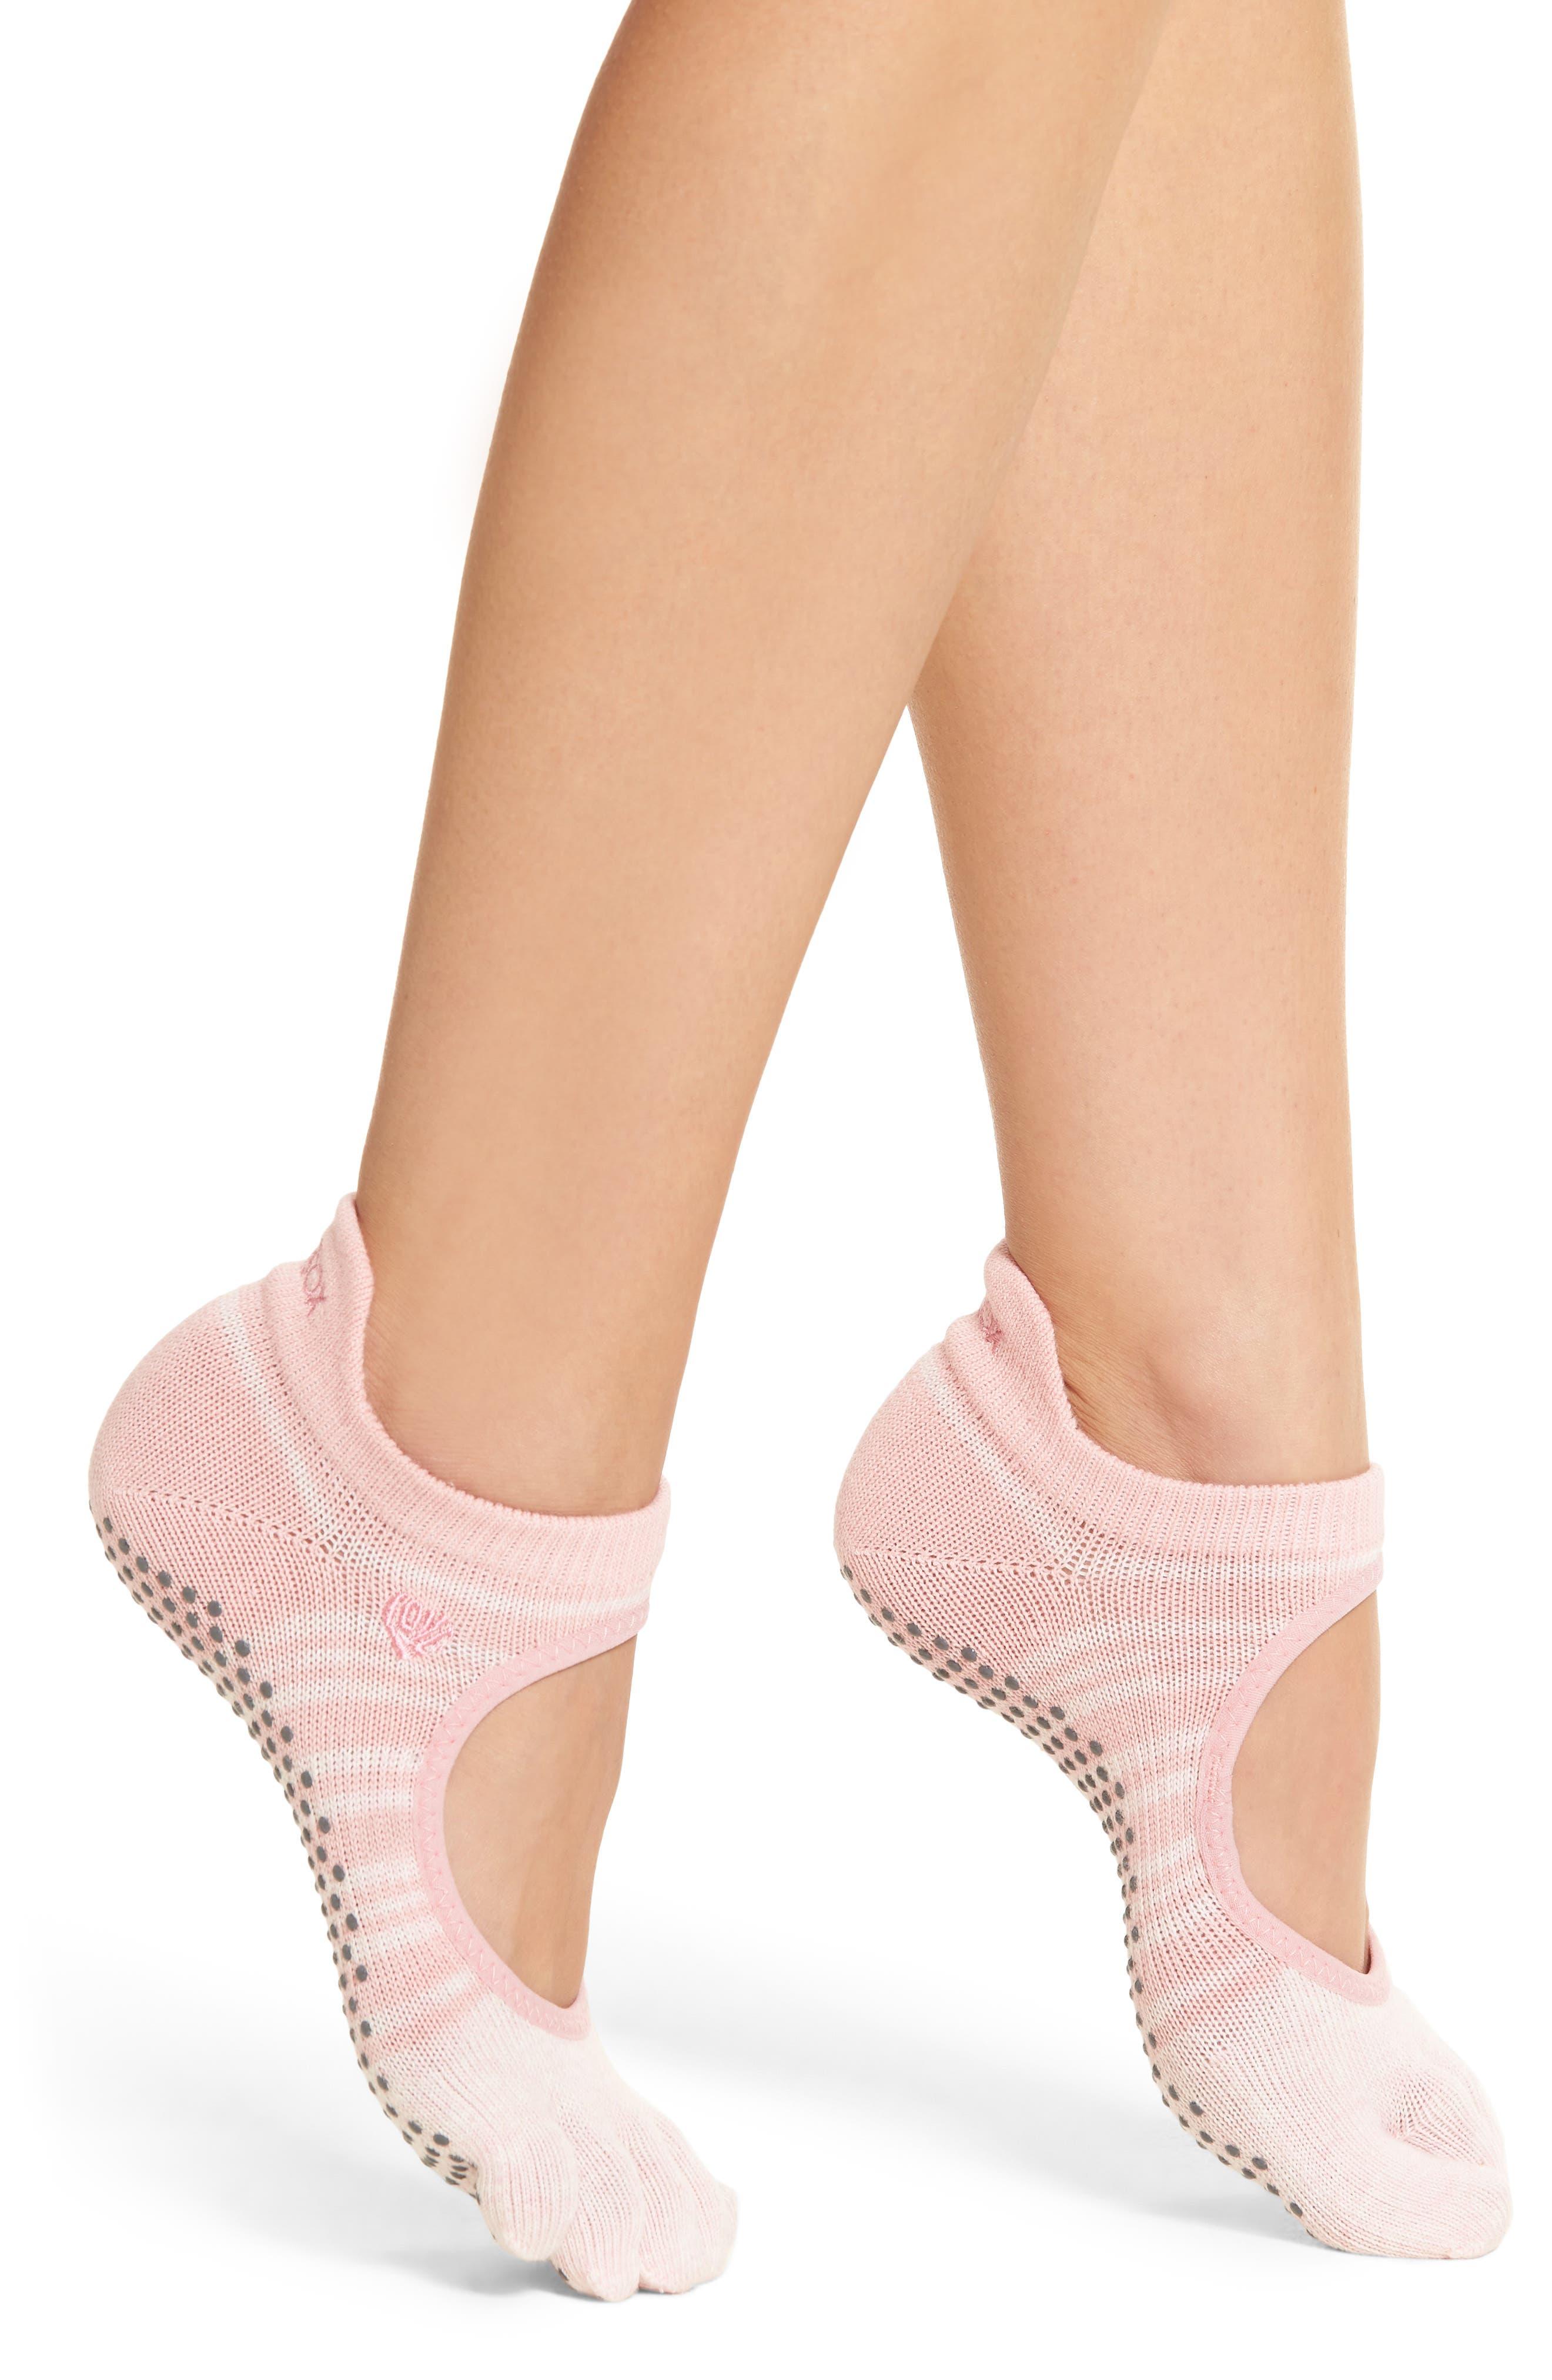 Bellarina Full Toe Gripper Socks,                         Main,                         color, Smitten